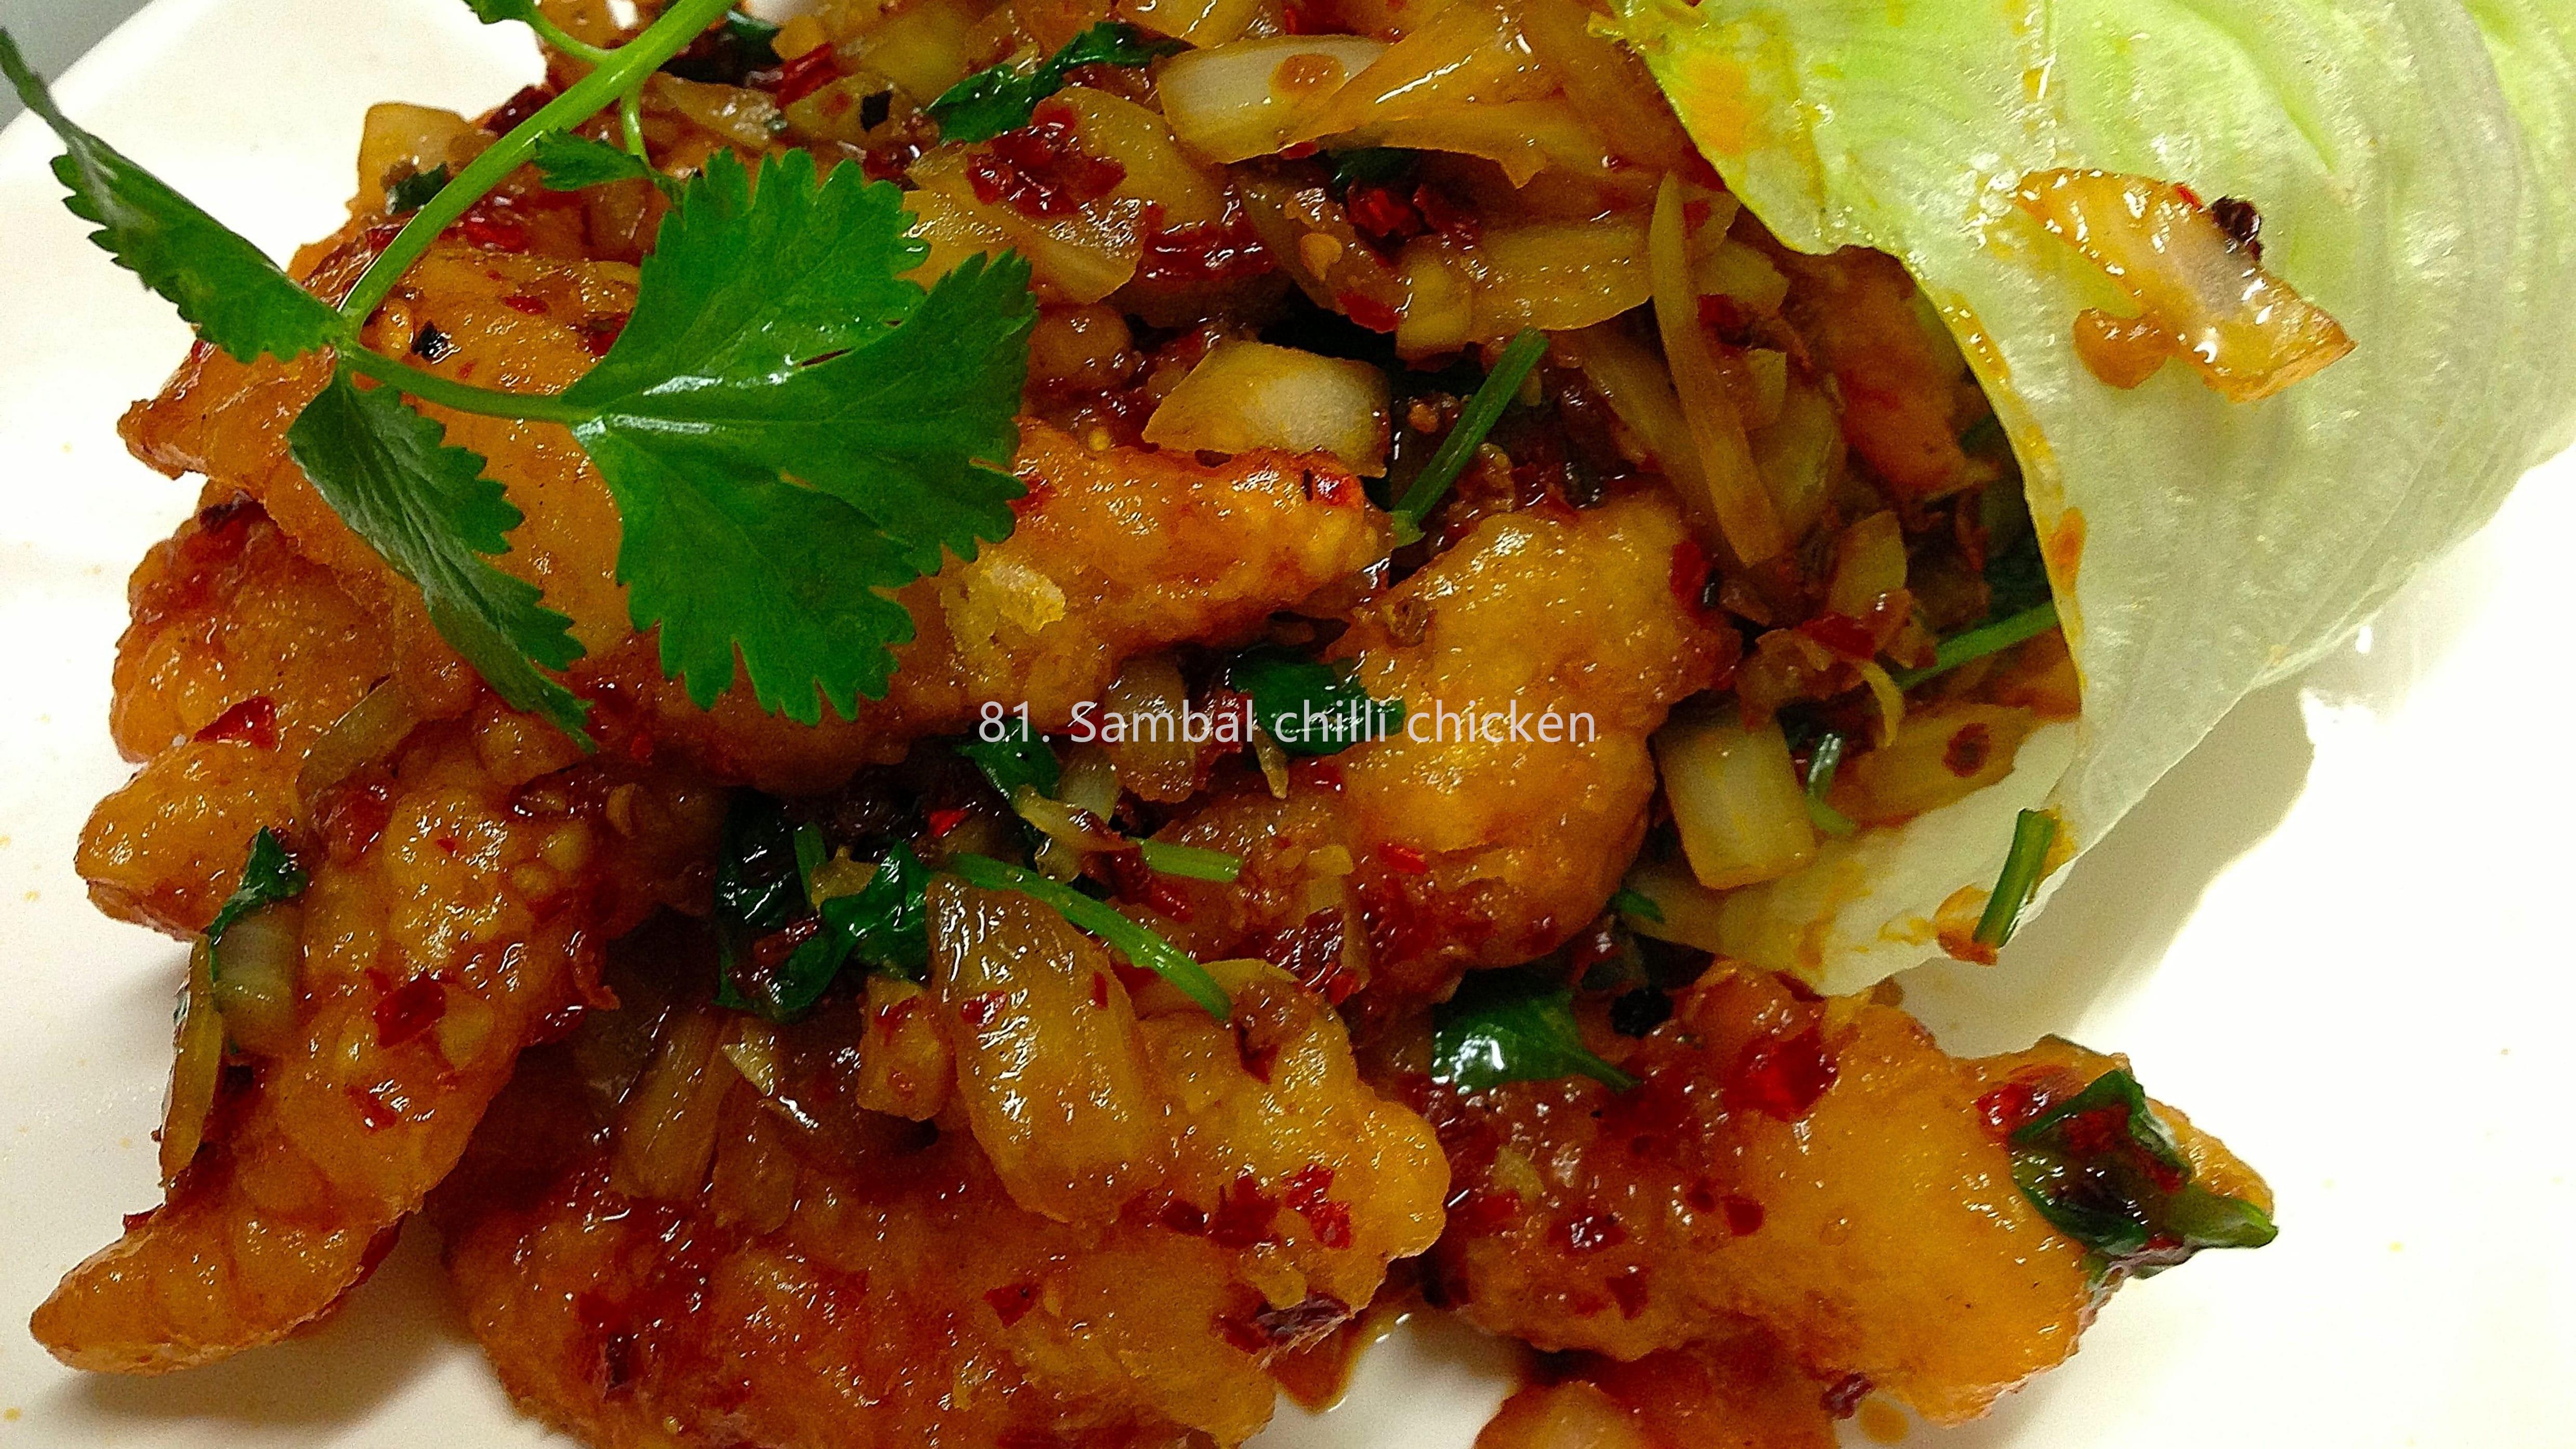 Sambal chilli chicken